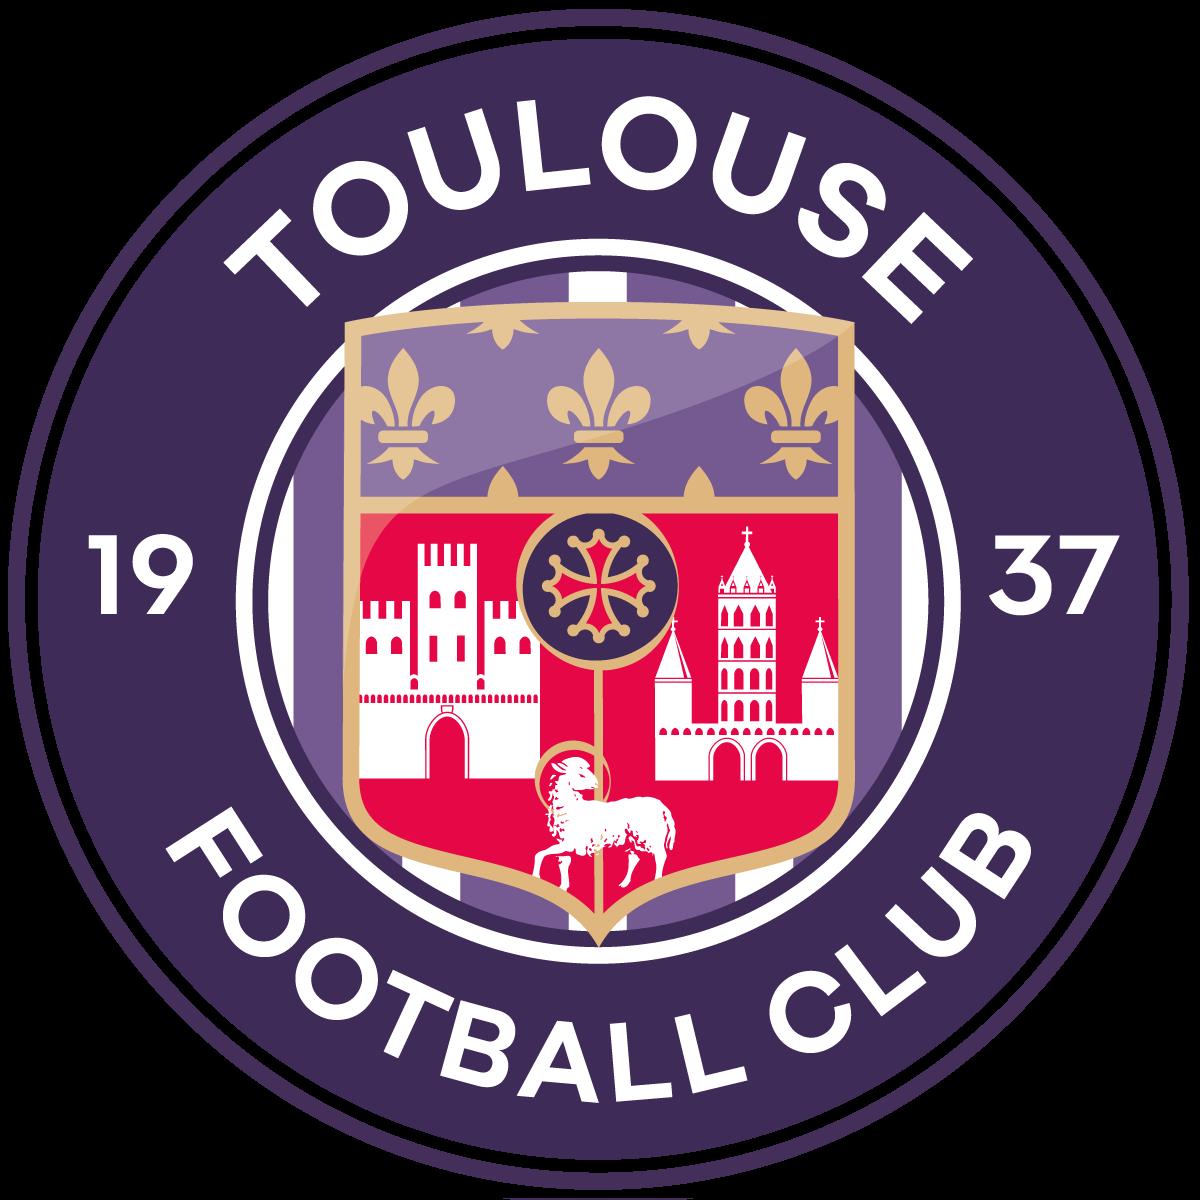 CHAMPIONNAT DE LIGUE 1 CONFORAMA - SAISON 2018-2019 -  J 3 : TOULOUSE FC  - NÎMES OLYMPIQUE  - Page 2 Tfc_5